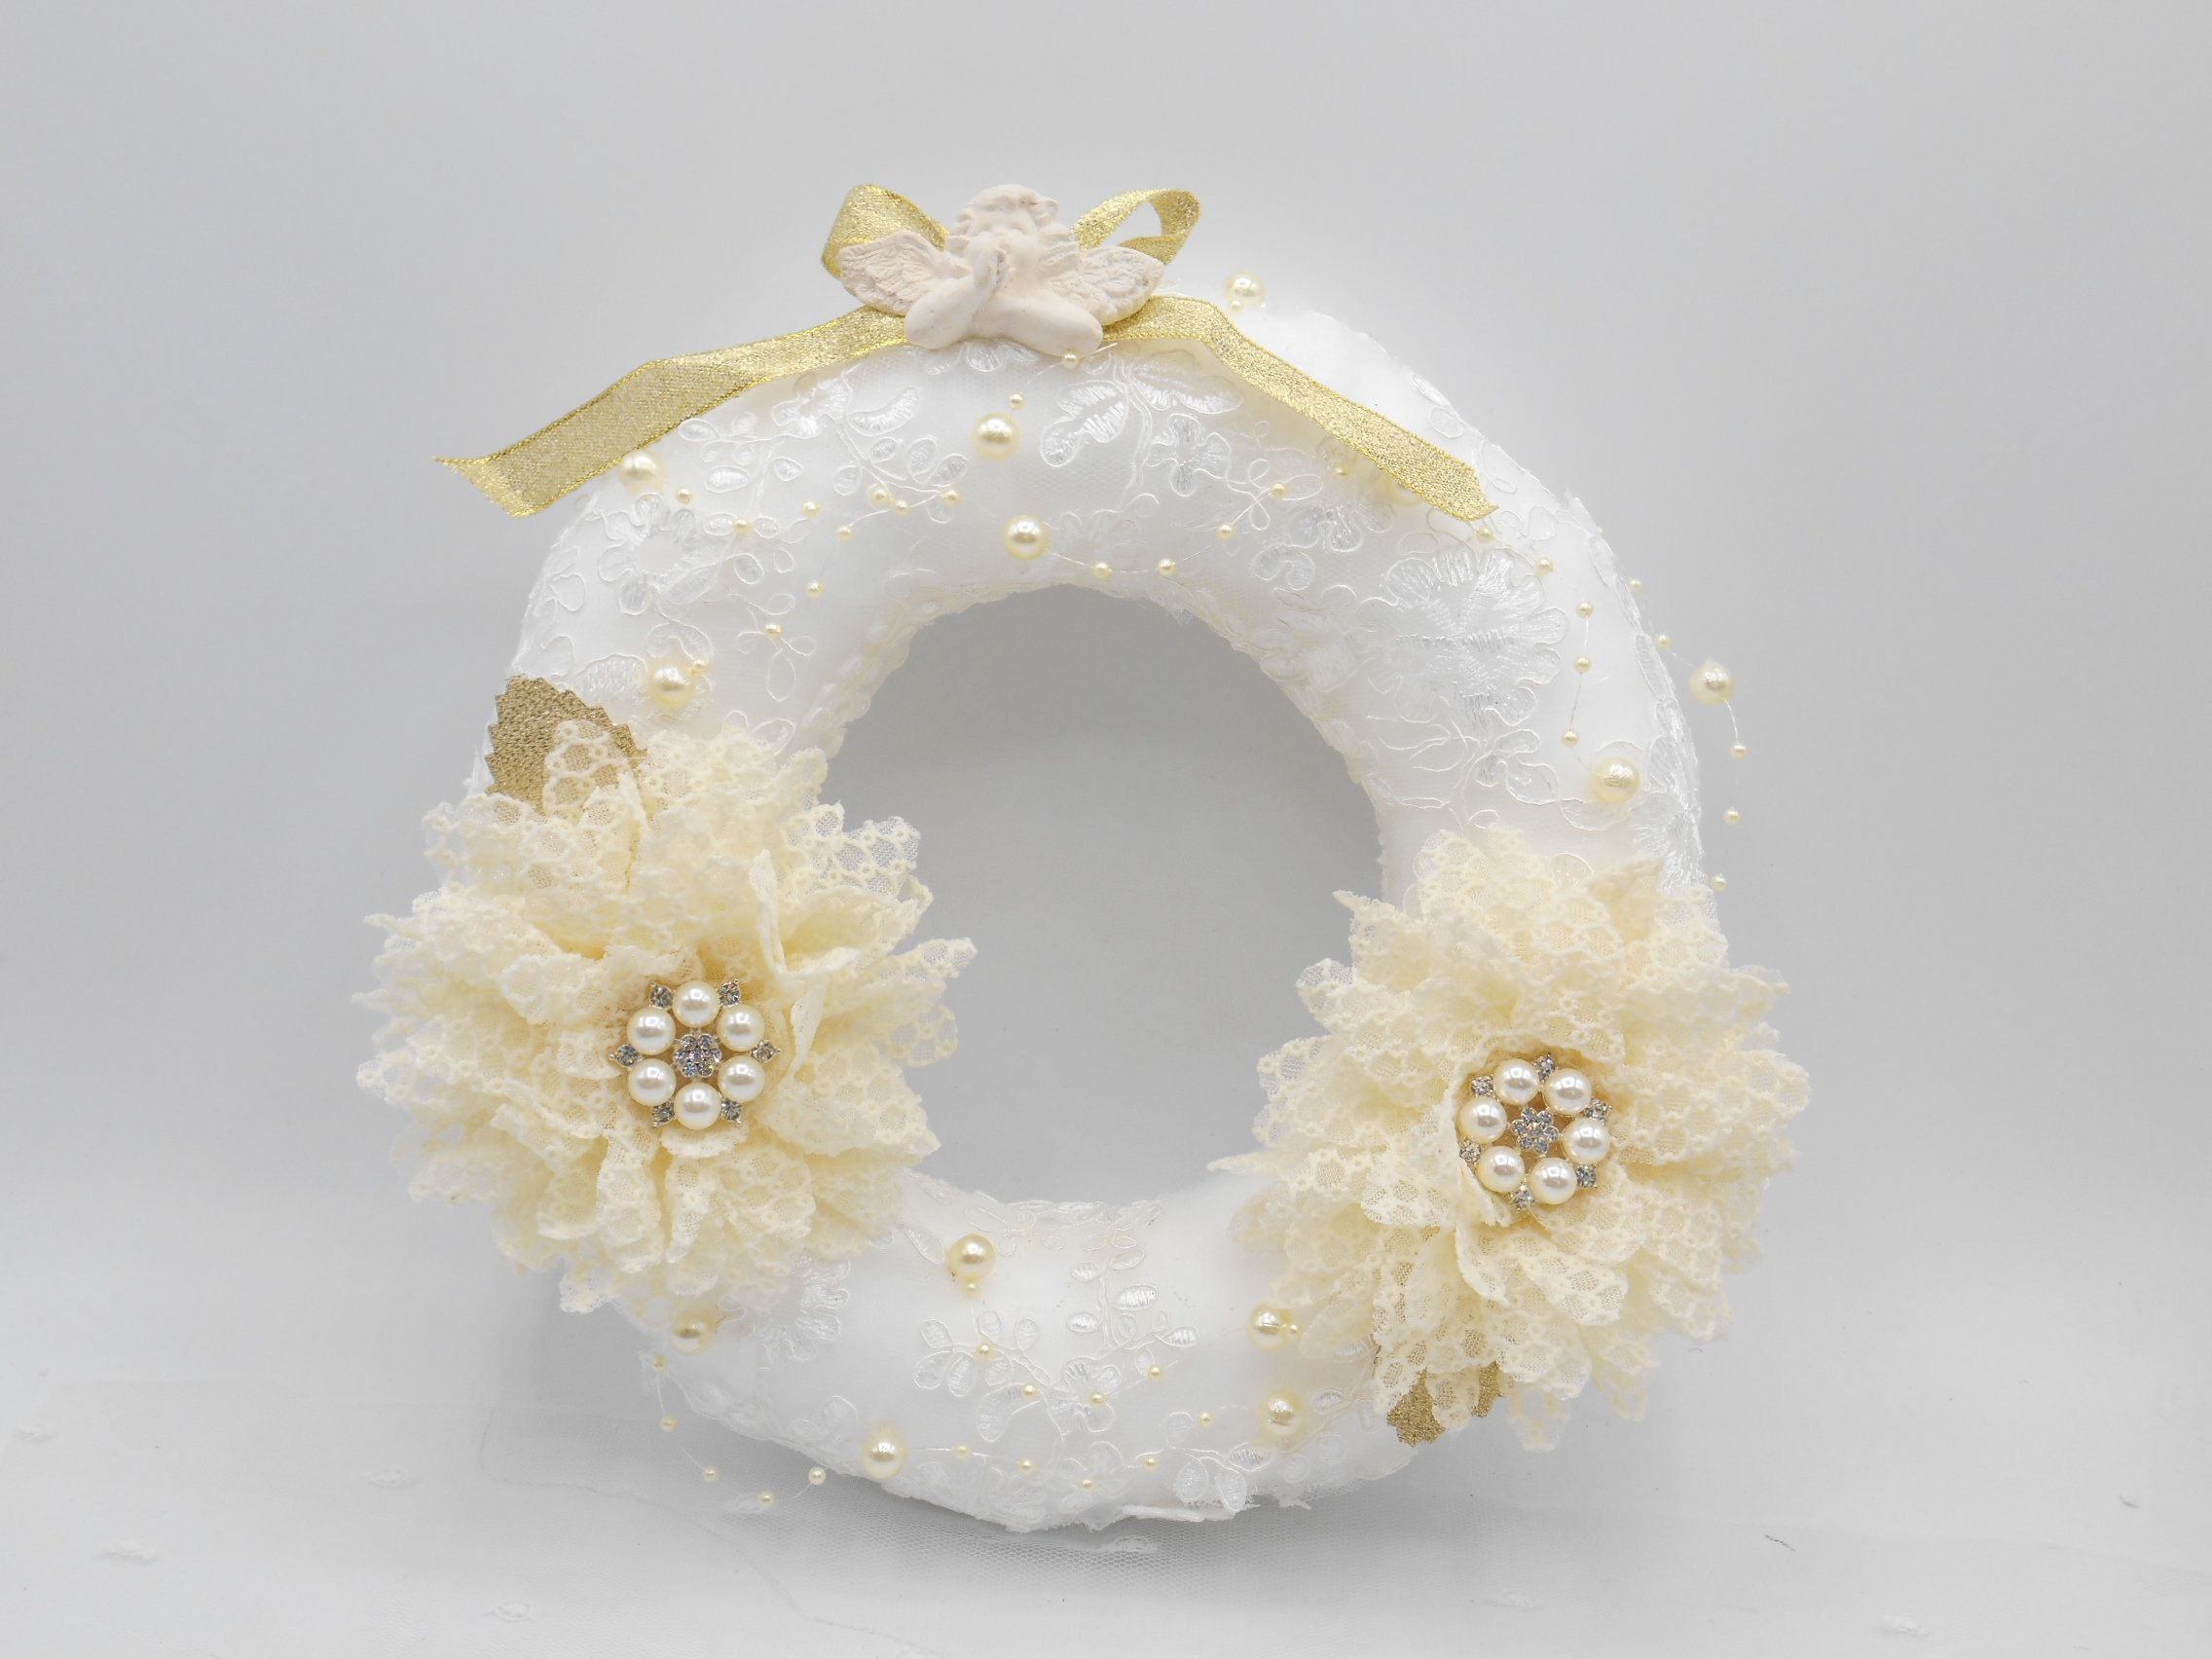 Jolie couronne de noël blanche et beige shabby fait main par Lescreasdeclaudine sur Etsy #couronnedenoelfaitmain